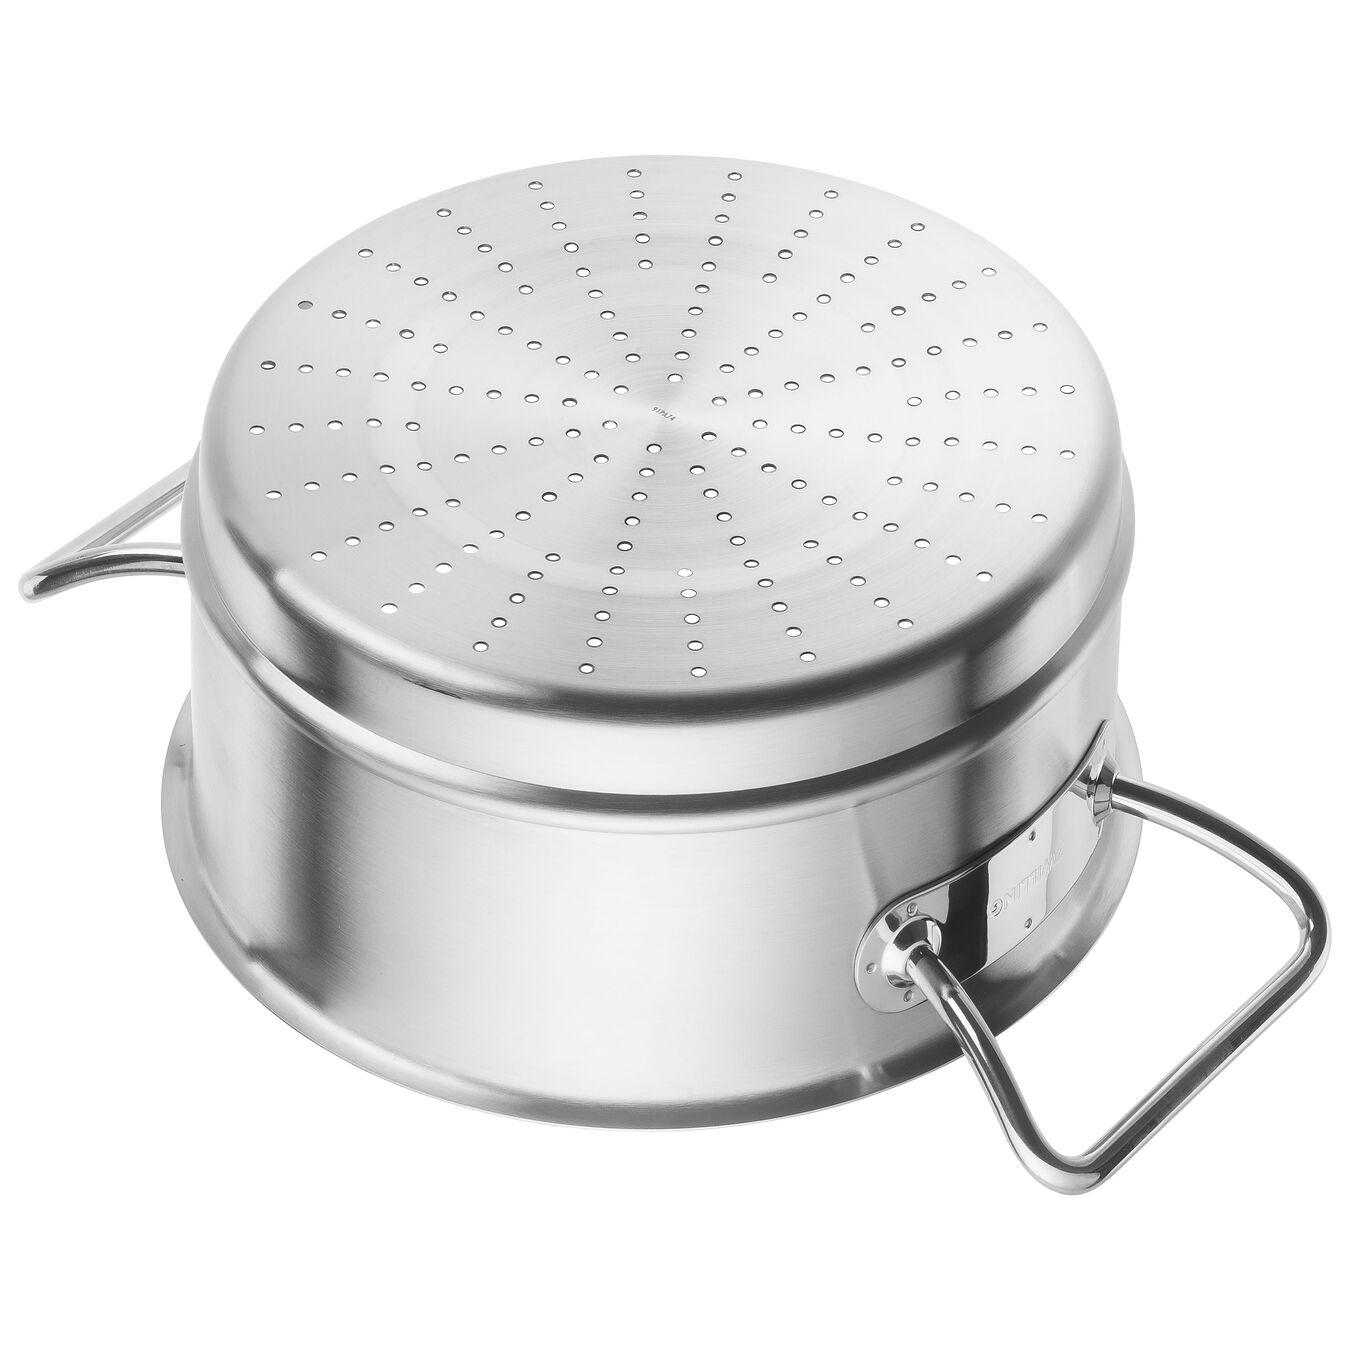 Passoire pour cuit vapeur 24 cm, Inox 18/10,,large 3